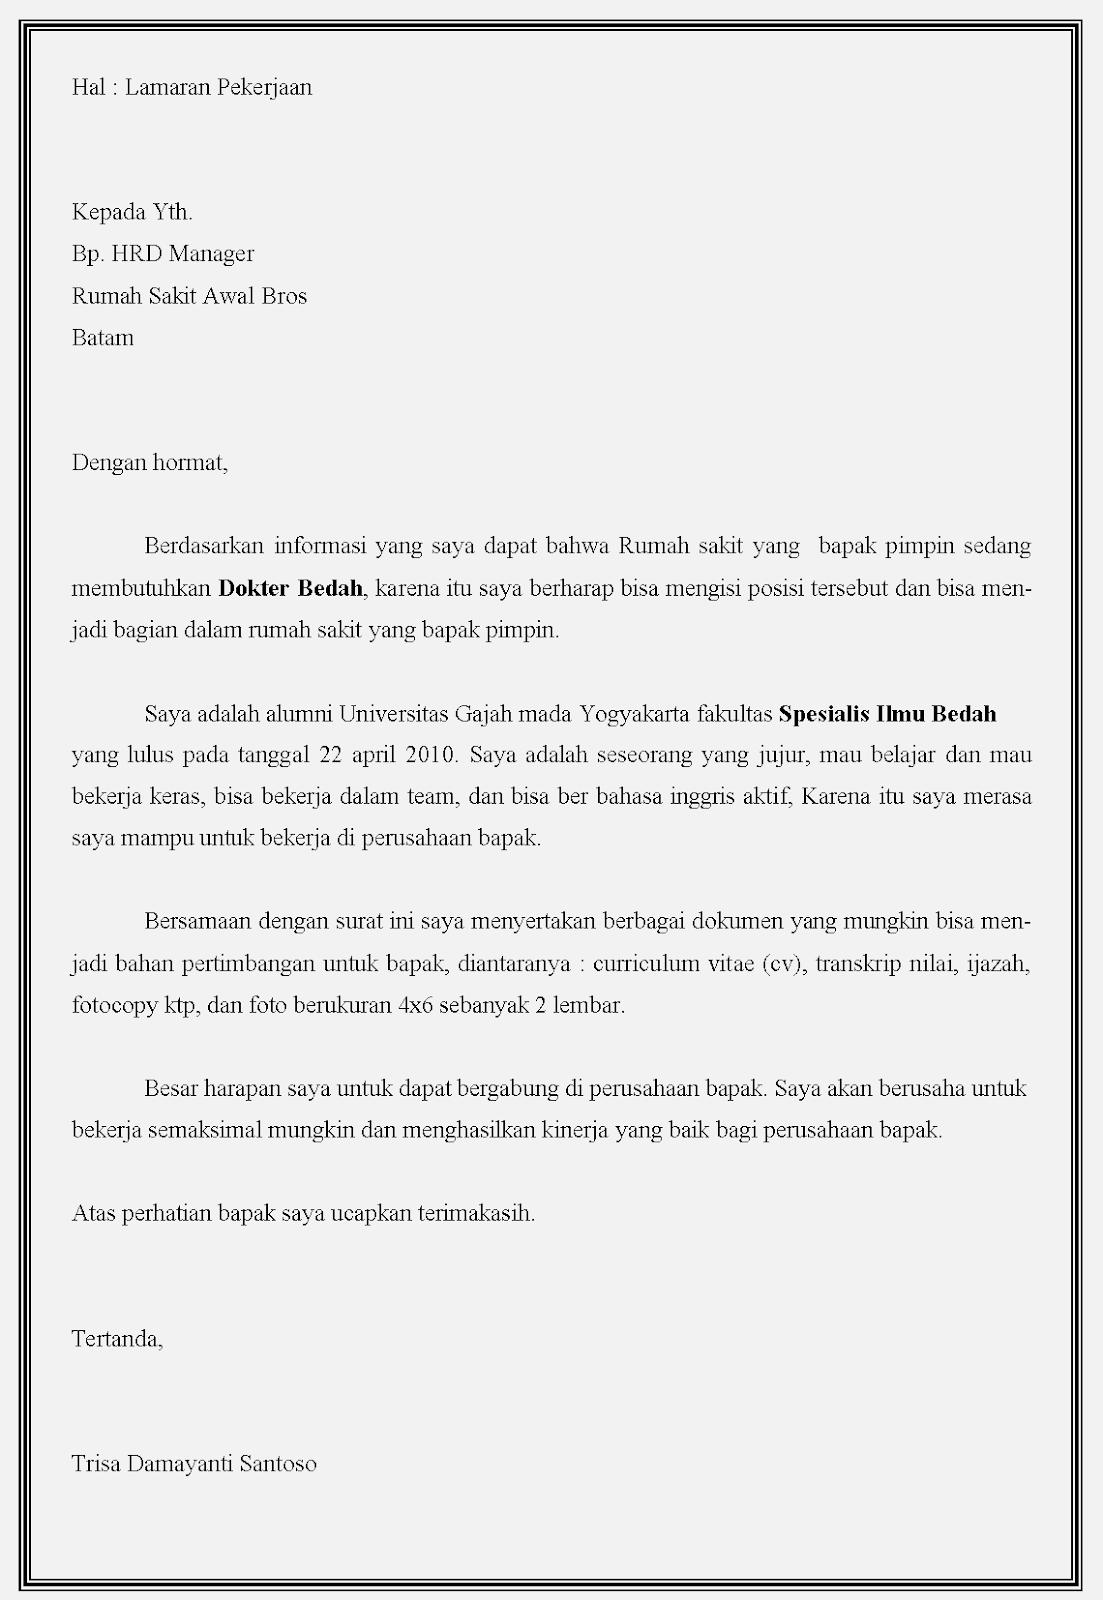 Contoh surat lamaran kerja dokter bedah